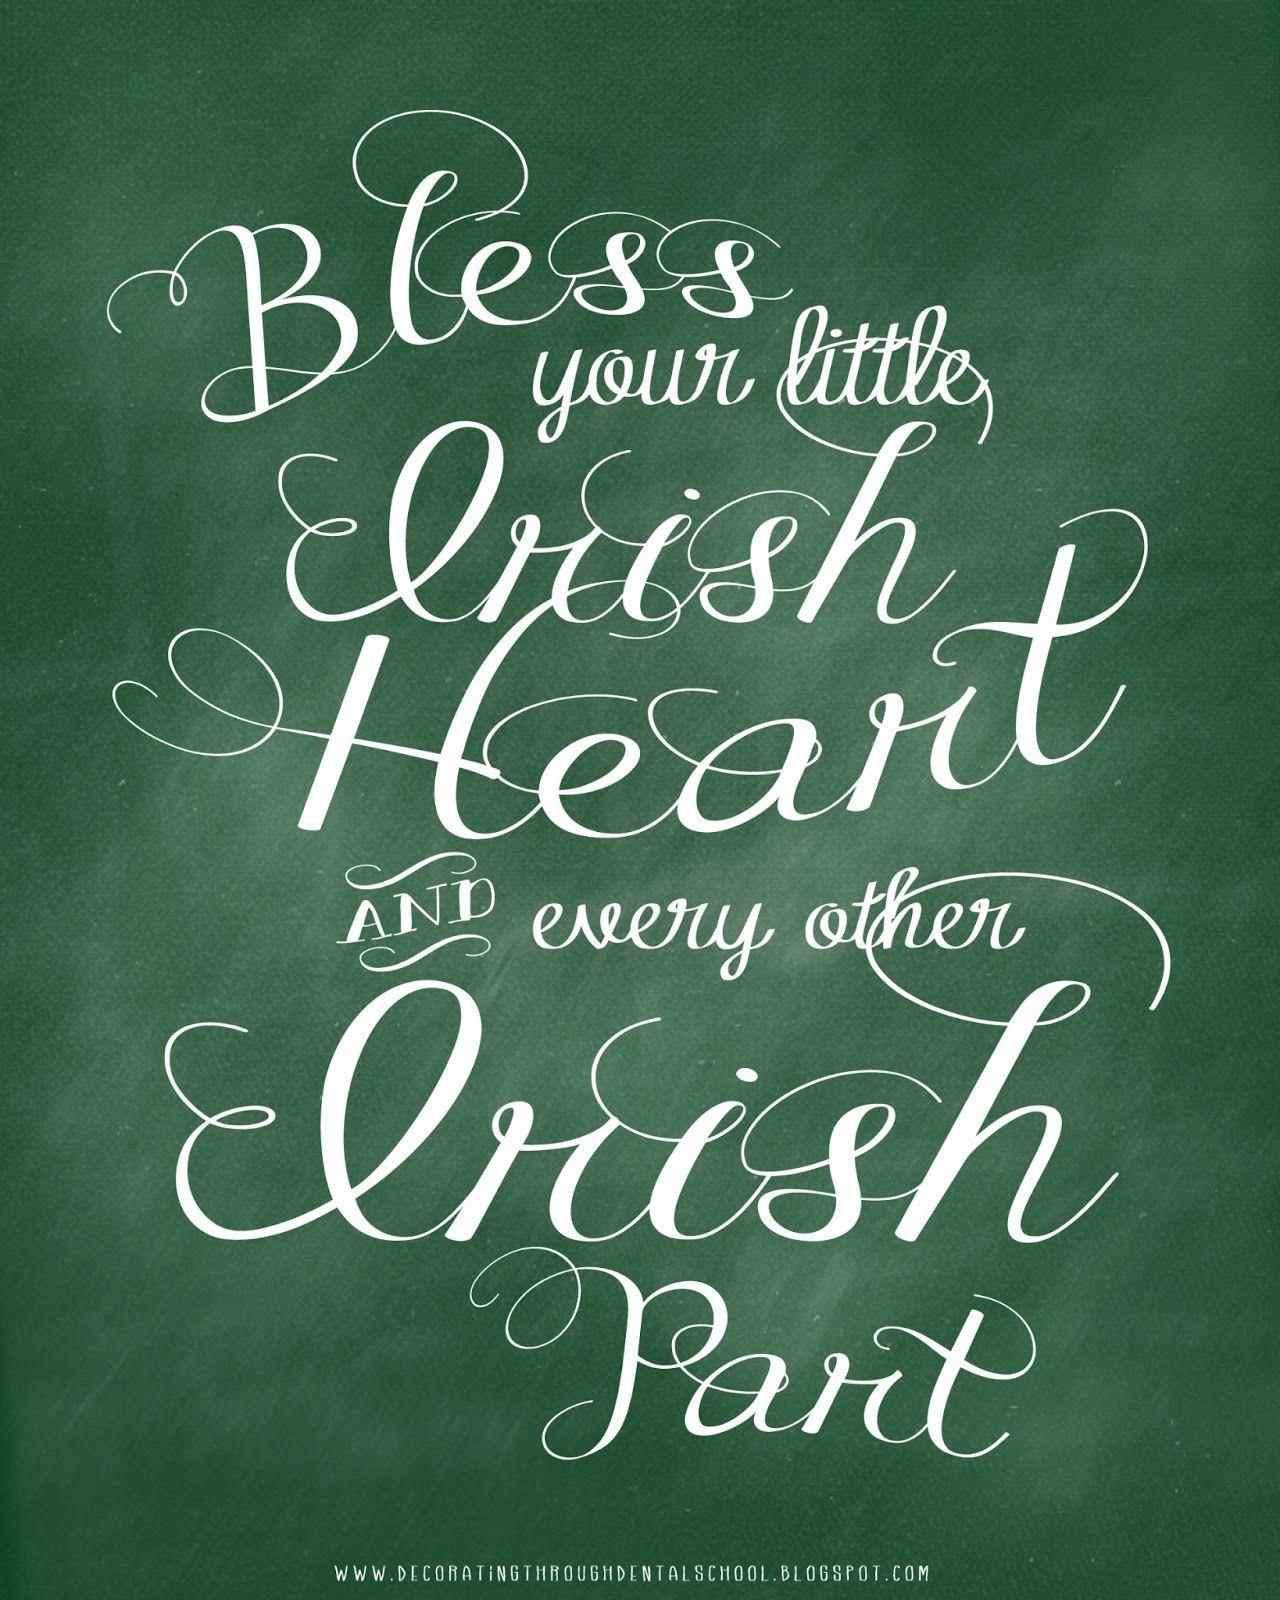 Bless your little irish heart